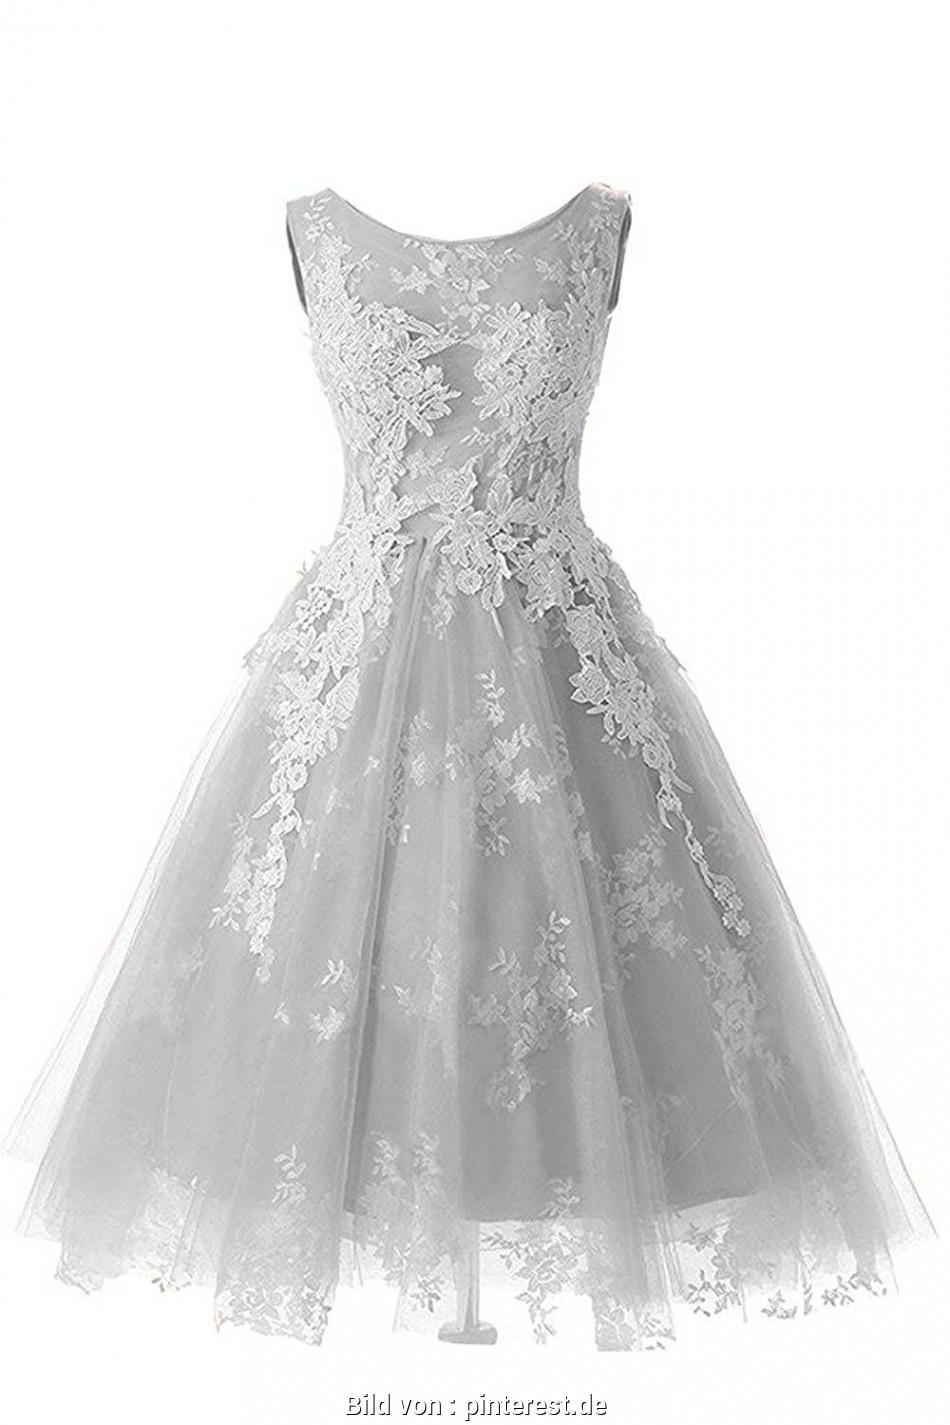 Erstaunlich Amazon Abend Kleid Spezialgebiet17 Einfach Amazon Abend Kleid Stylish